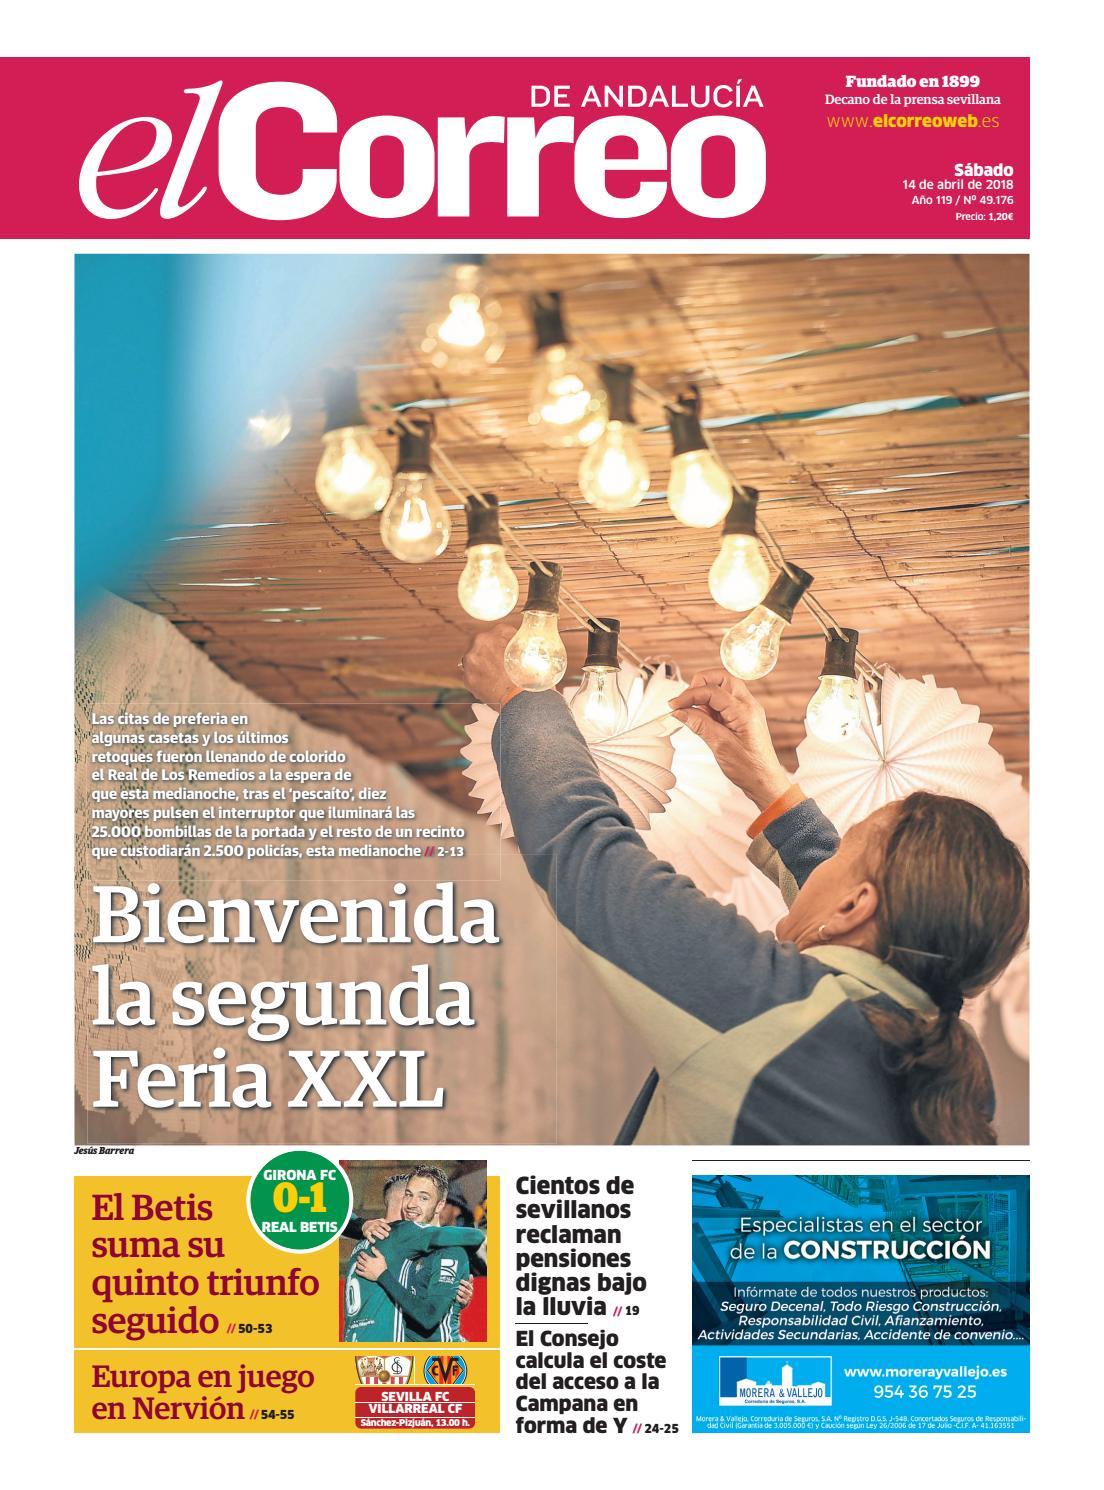 67e0a8228d839 14.04.2018 El Correo de Andalucía by EL CORREO DE ANDALUCÍA S.L. - issuu